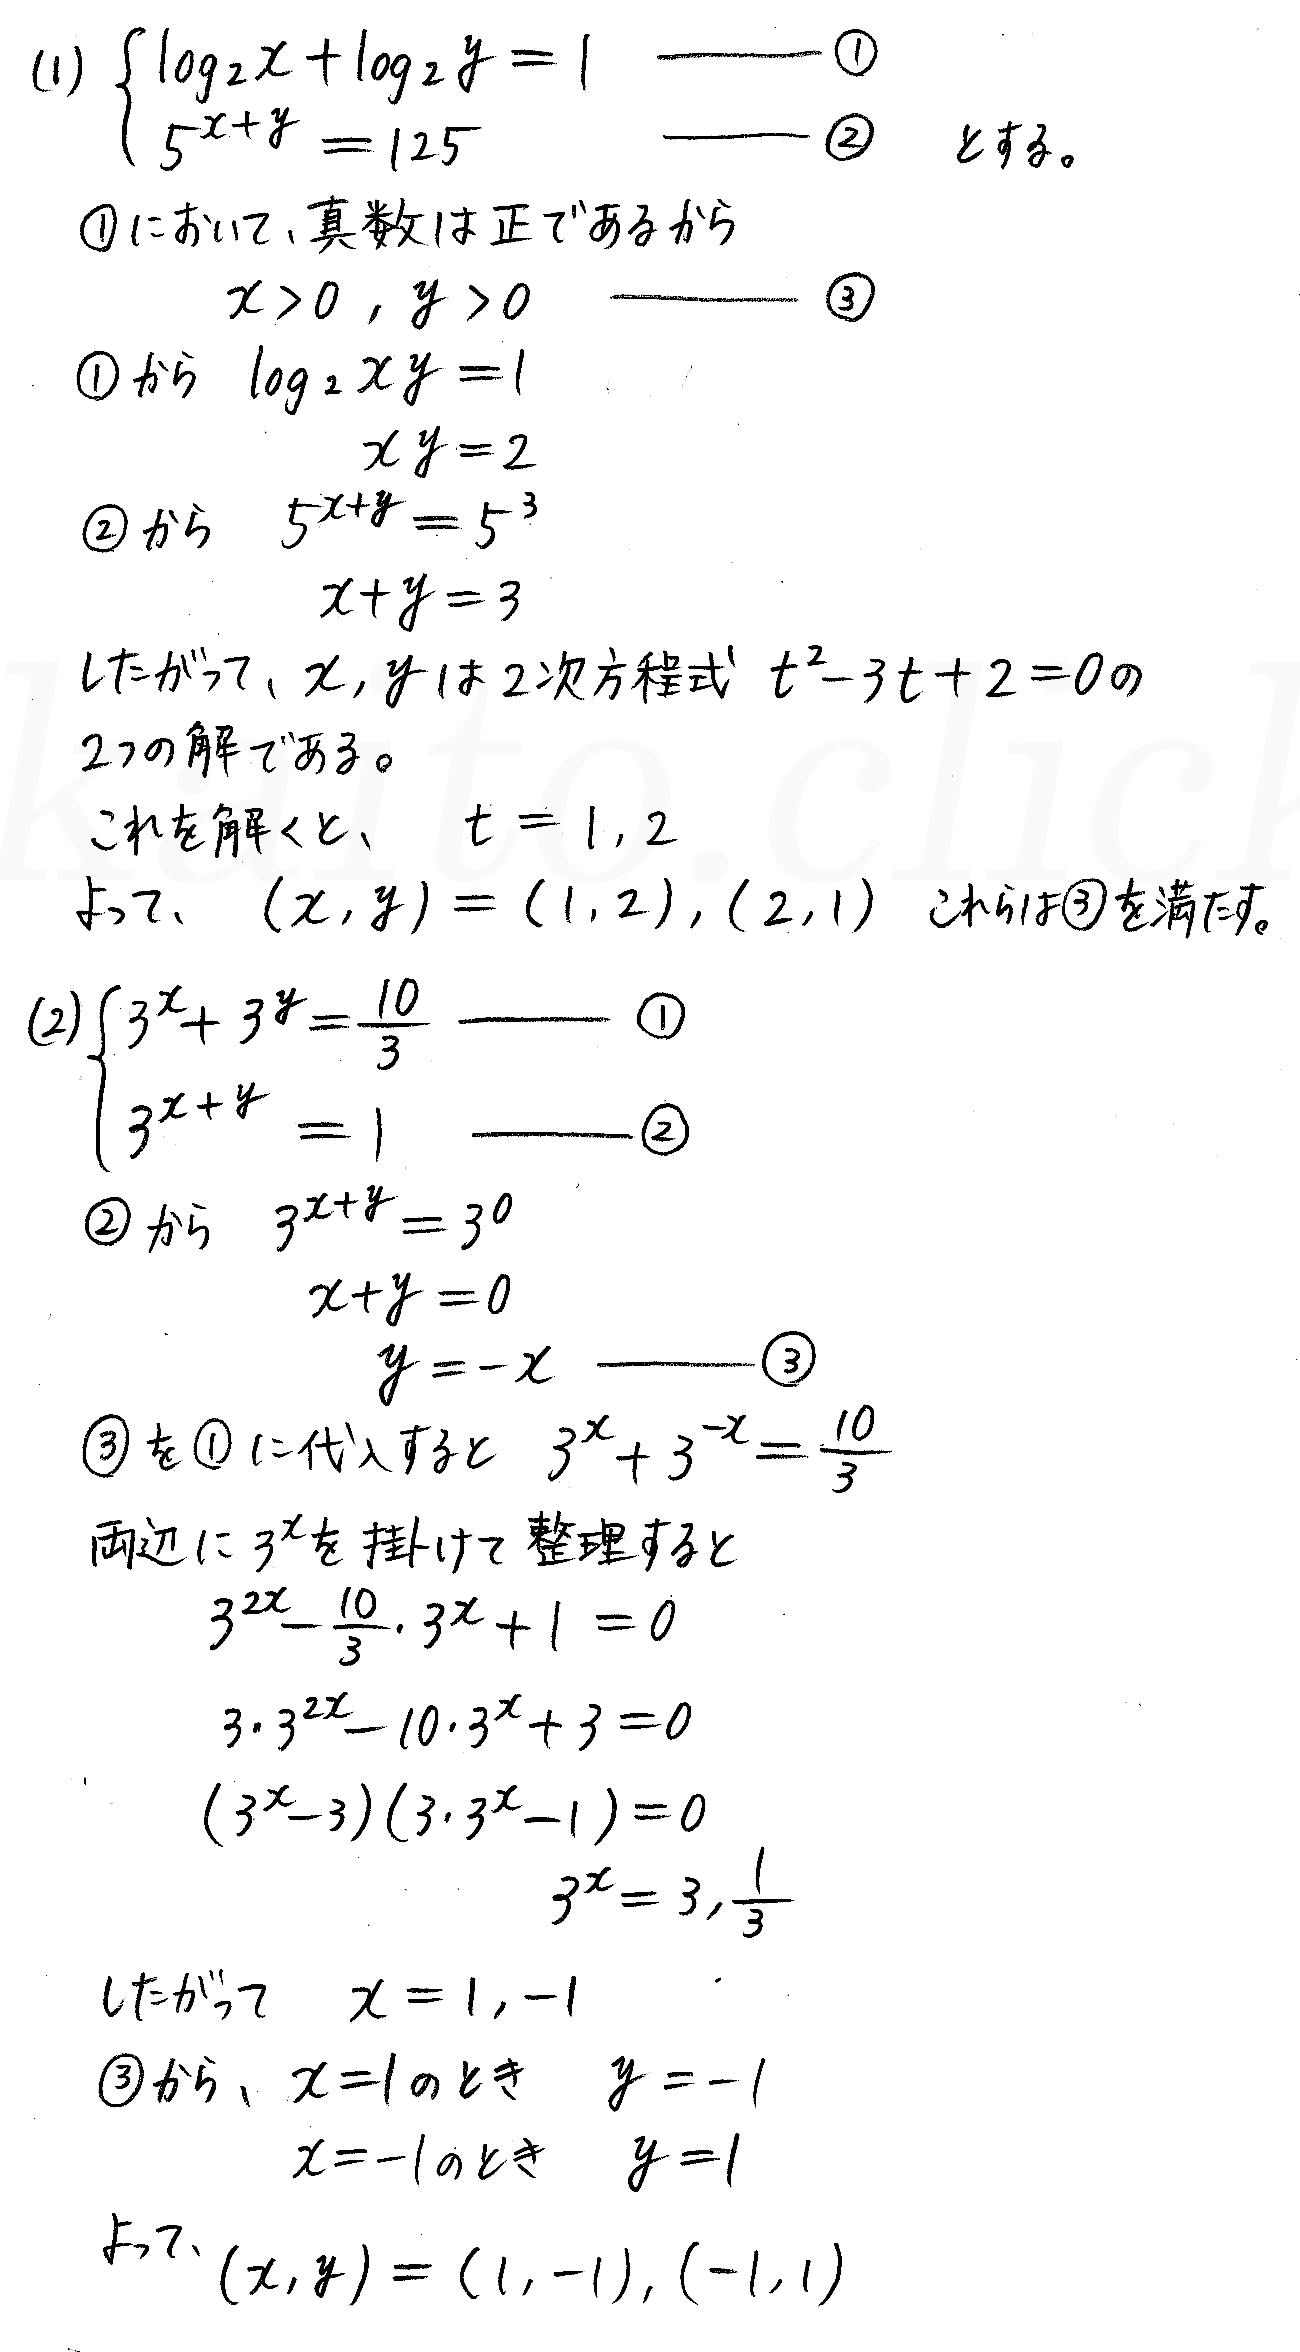 クリアー数学2-382解答